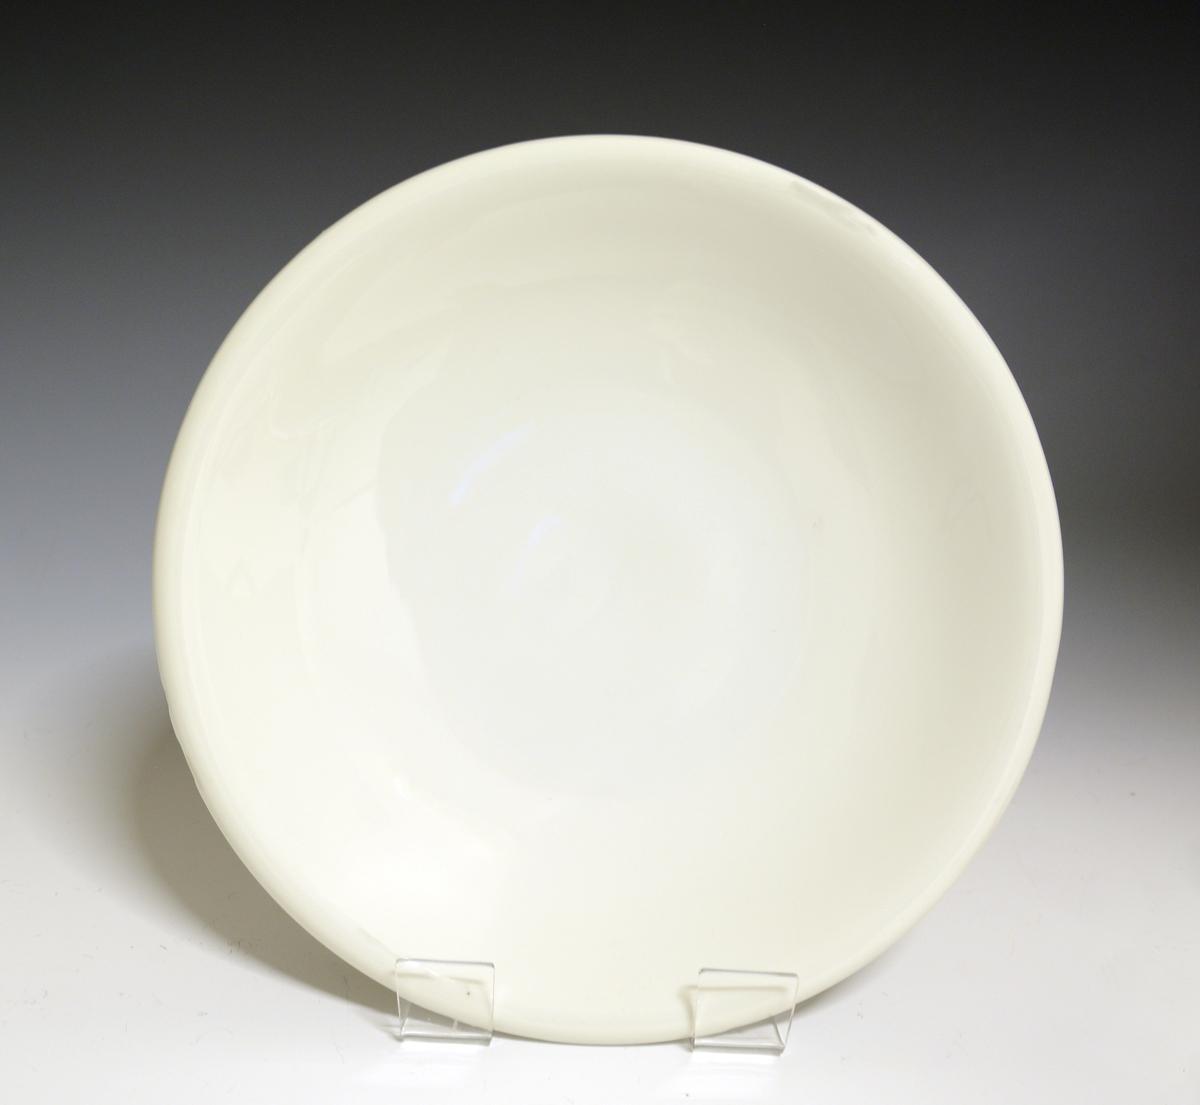 Prot: Litet fat av porselen, med glatt, nedbøyet kant. Hvit glasur. Tilhører servise 1847.